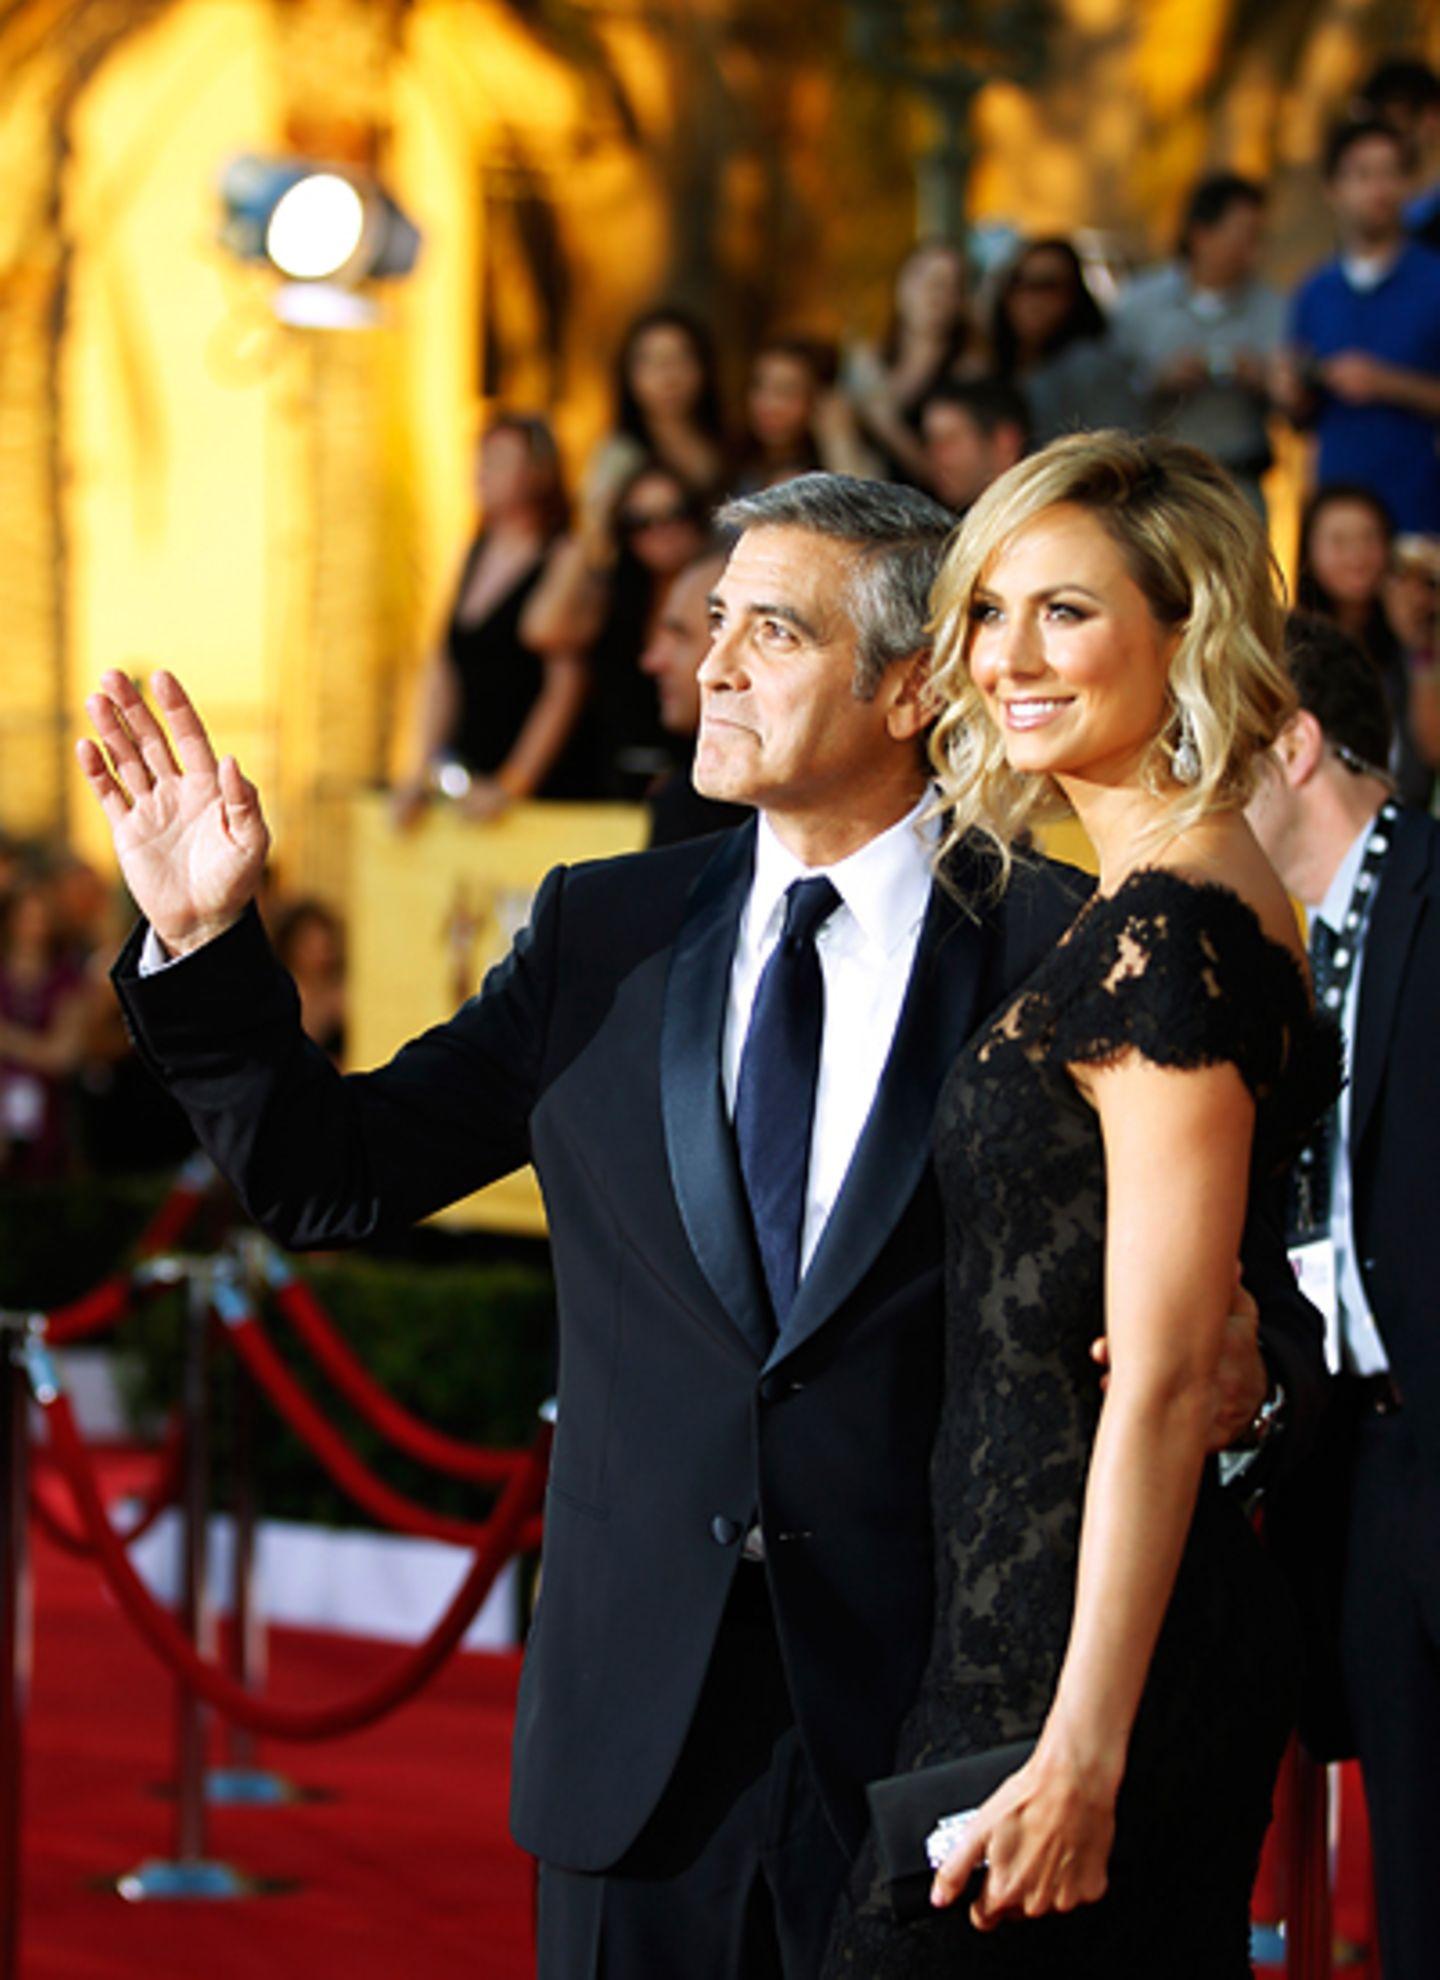 SAG-Awards: Das große Schaulaufen auf dem roten Teppich beginnt: George Clooney und Stacy Keibler zeigen sich den Fotografen und